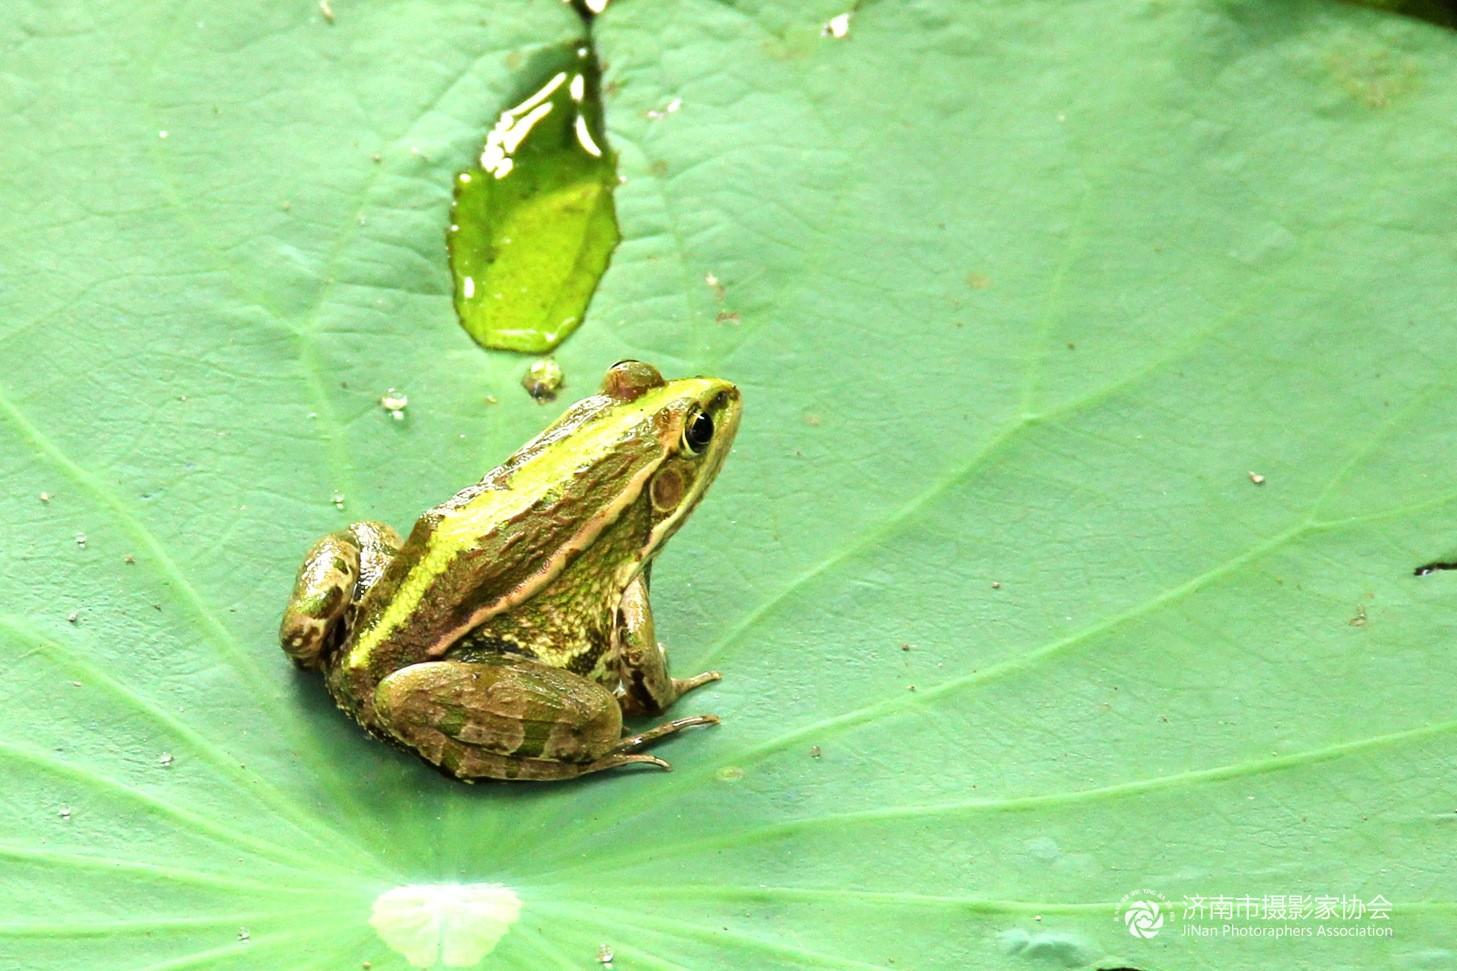 荷叶上的青蛙